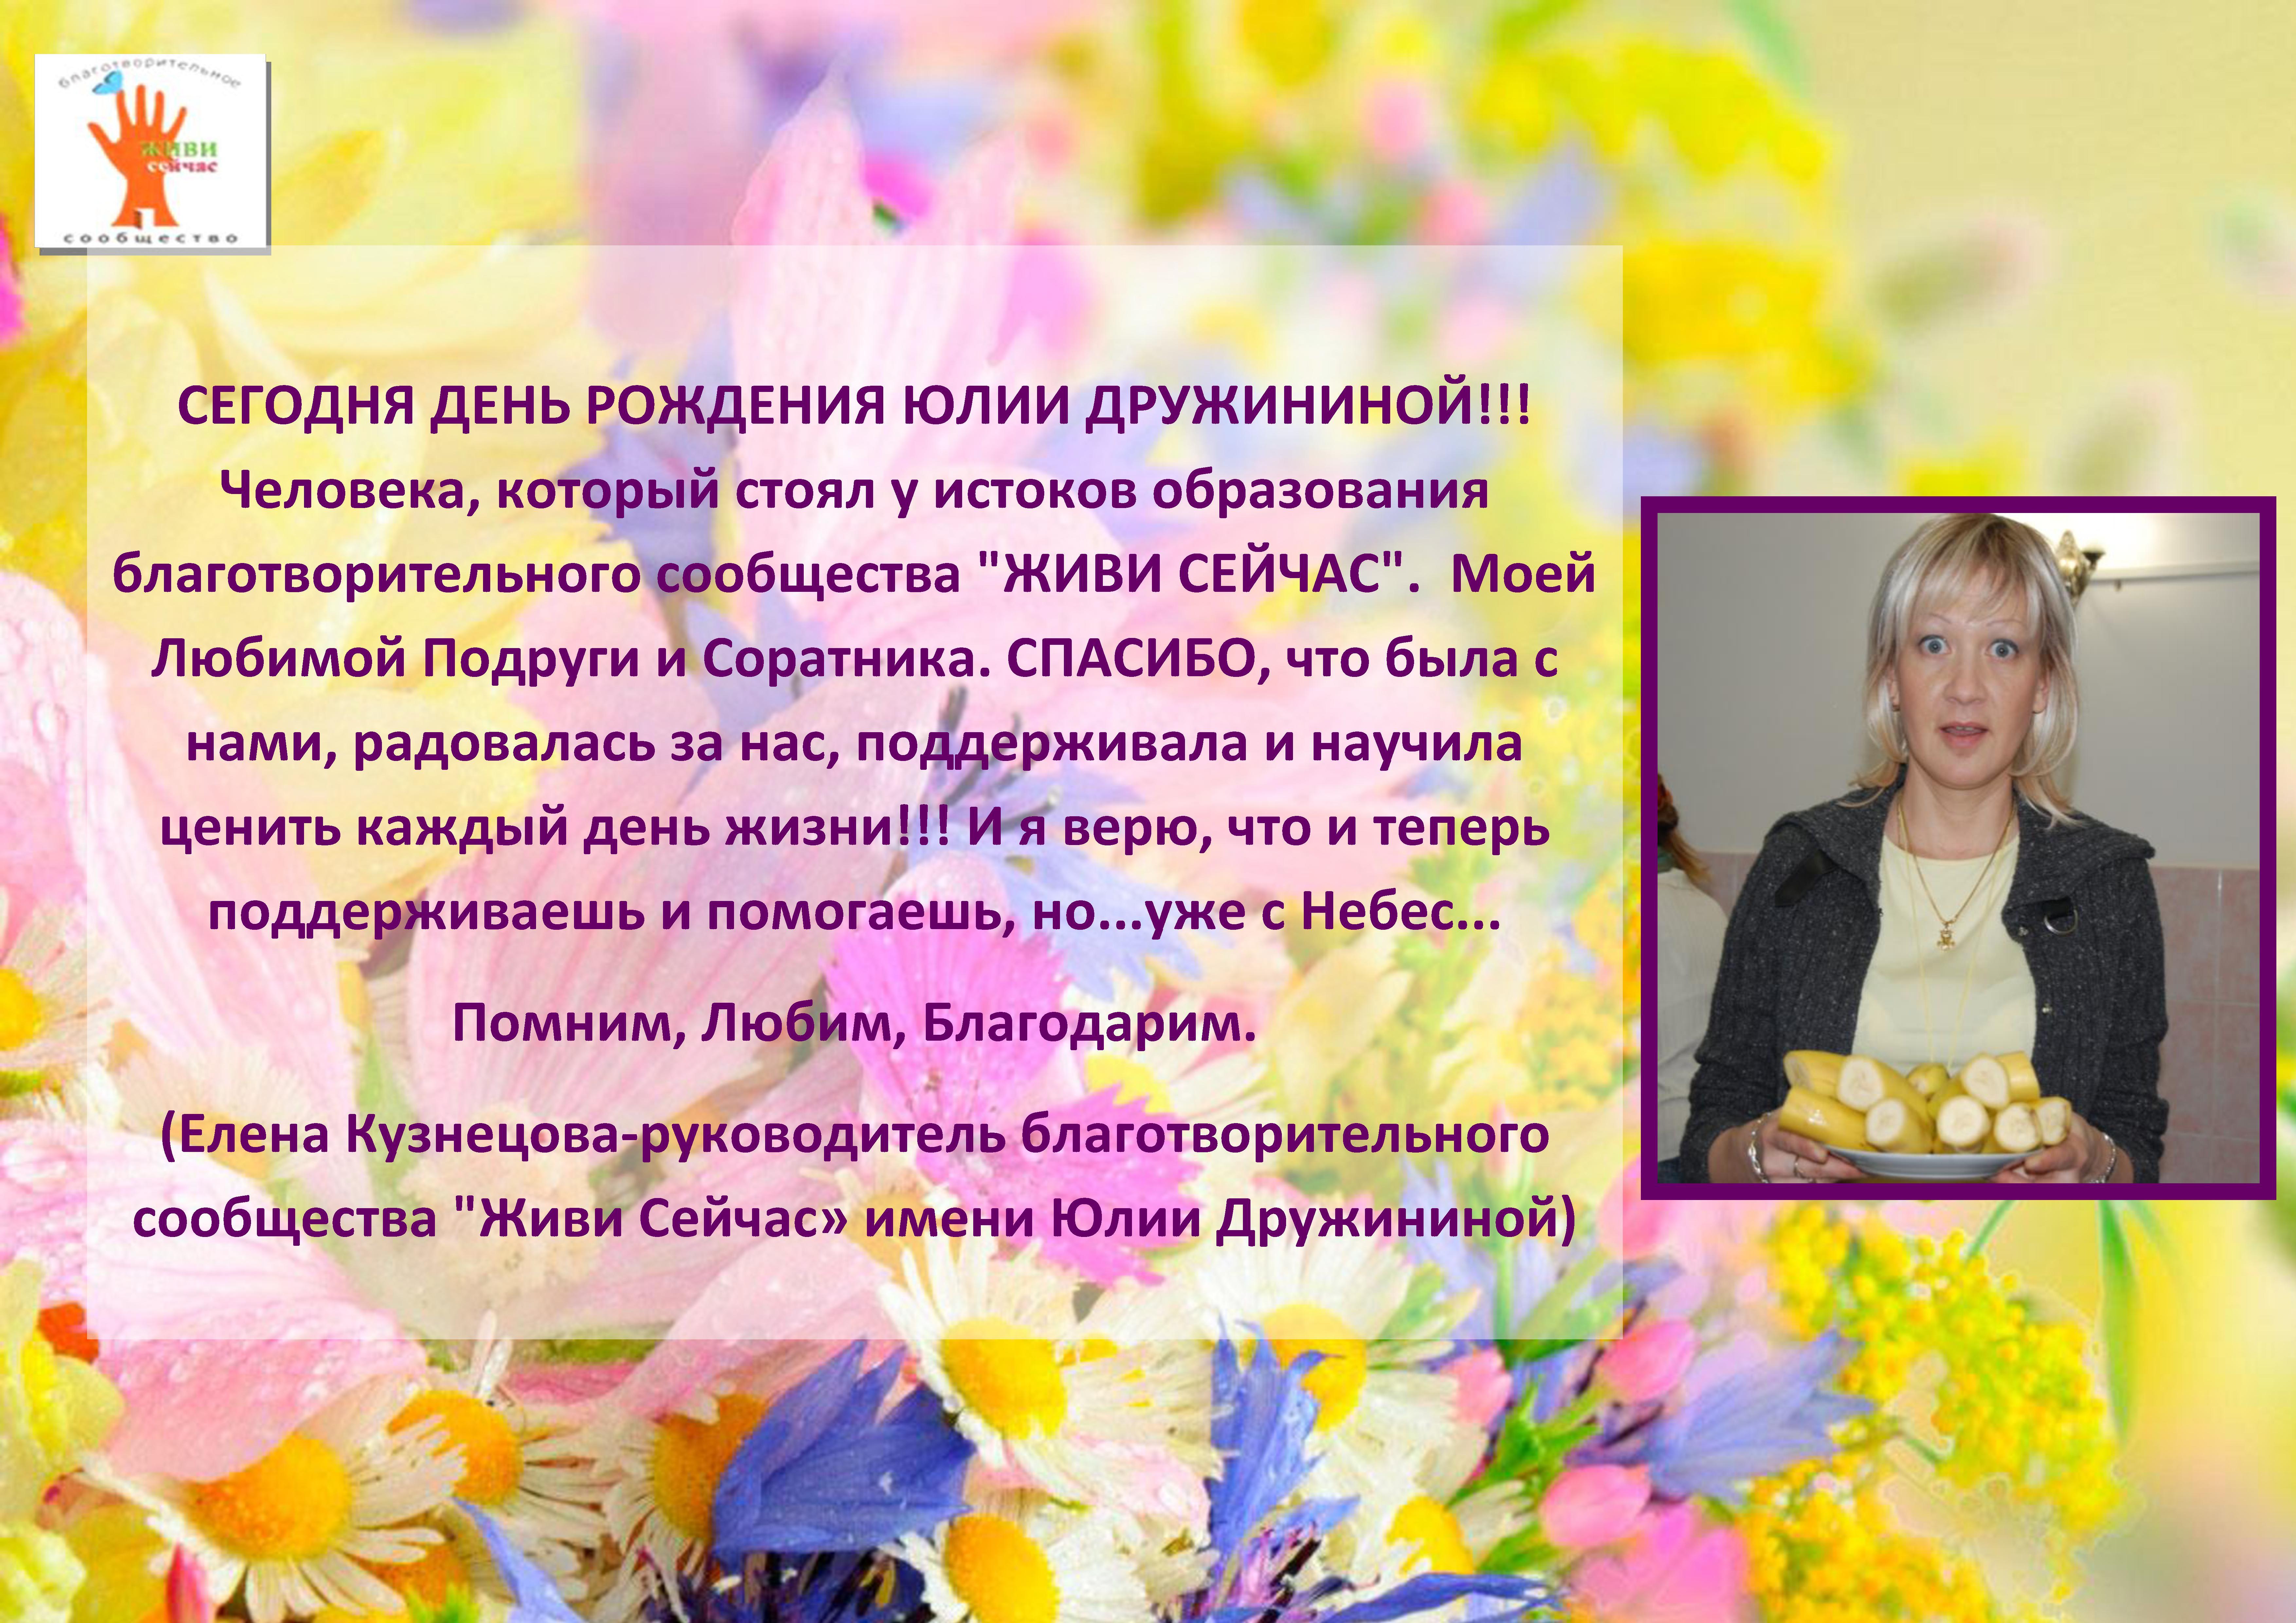 др Юли (1)